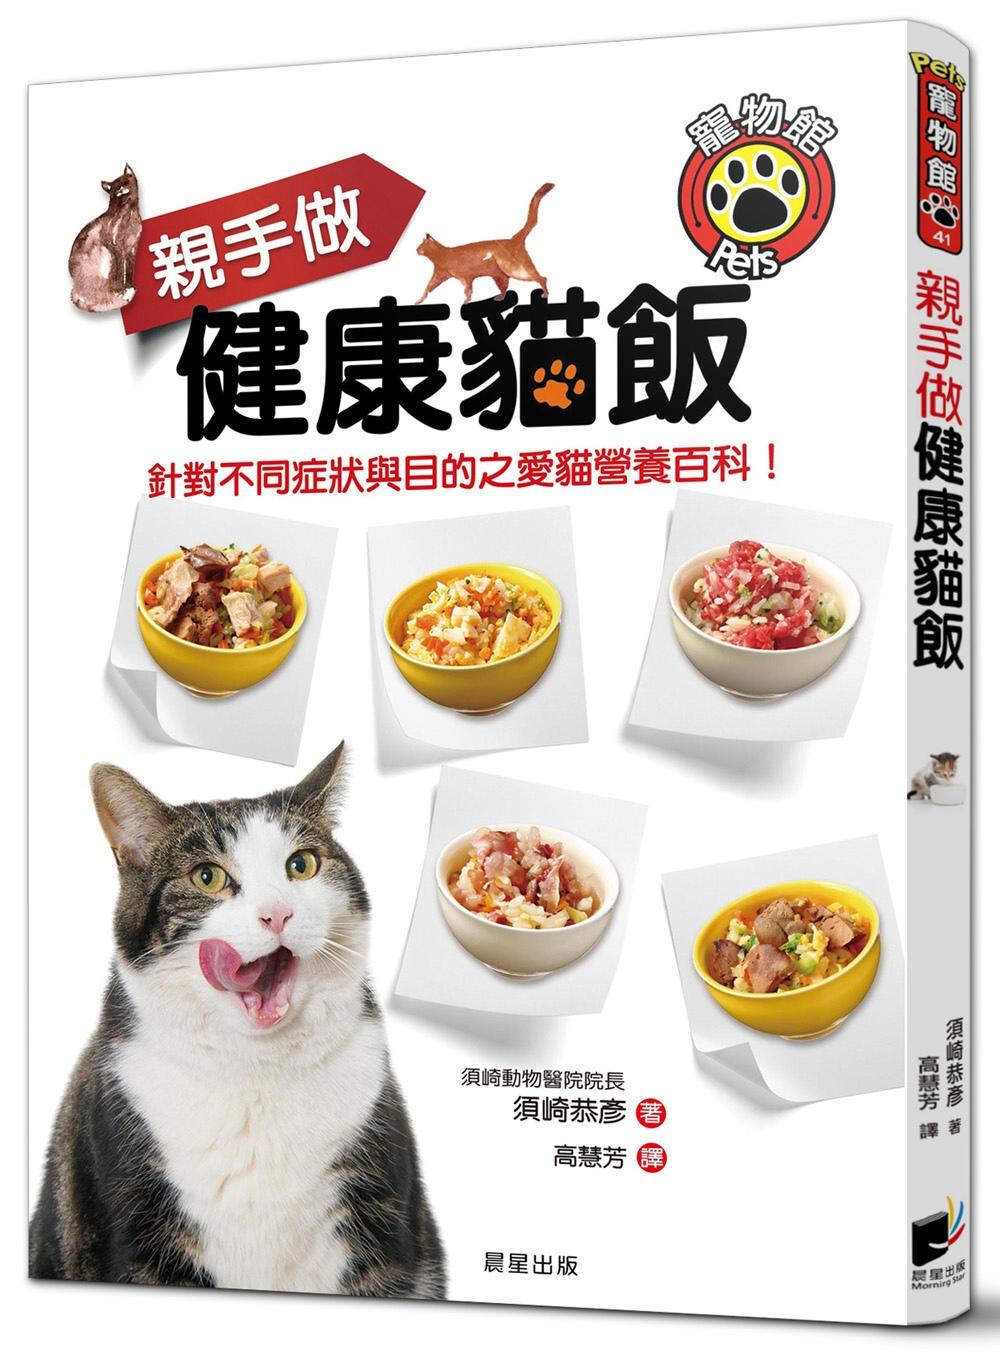 親手做健康貓飯:針對不同症狀與目的之愛貓營養百科!